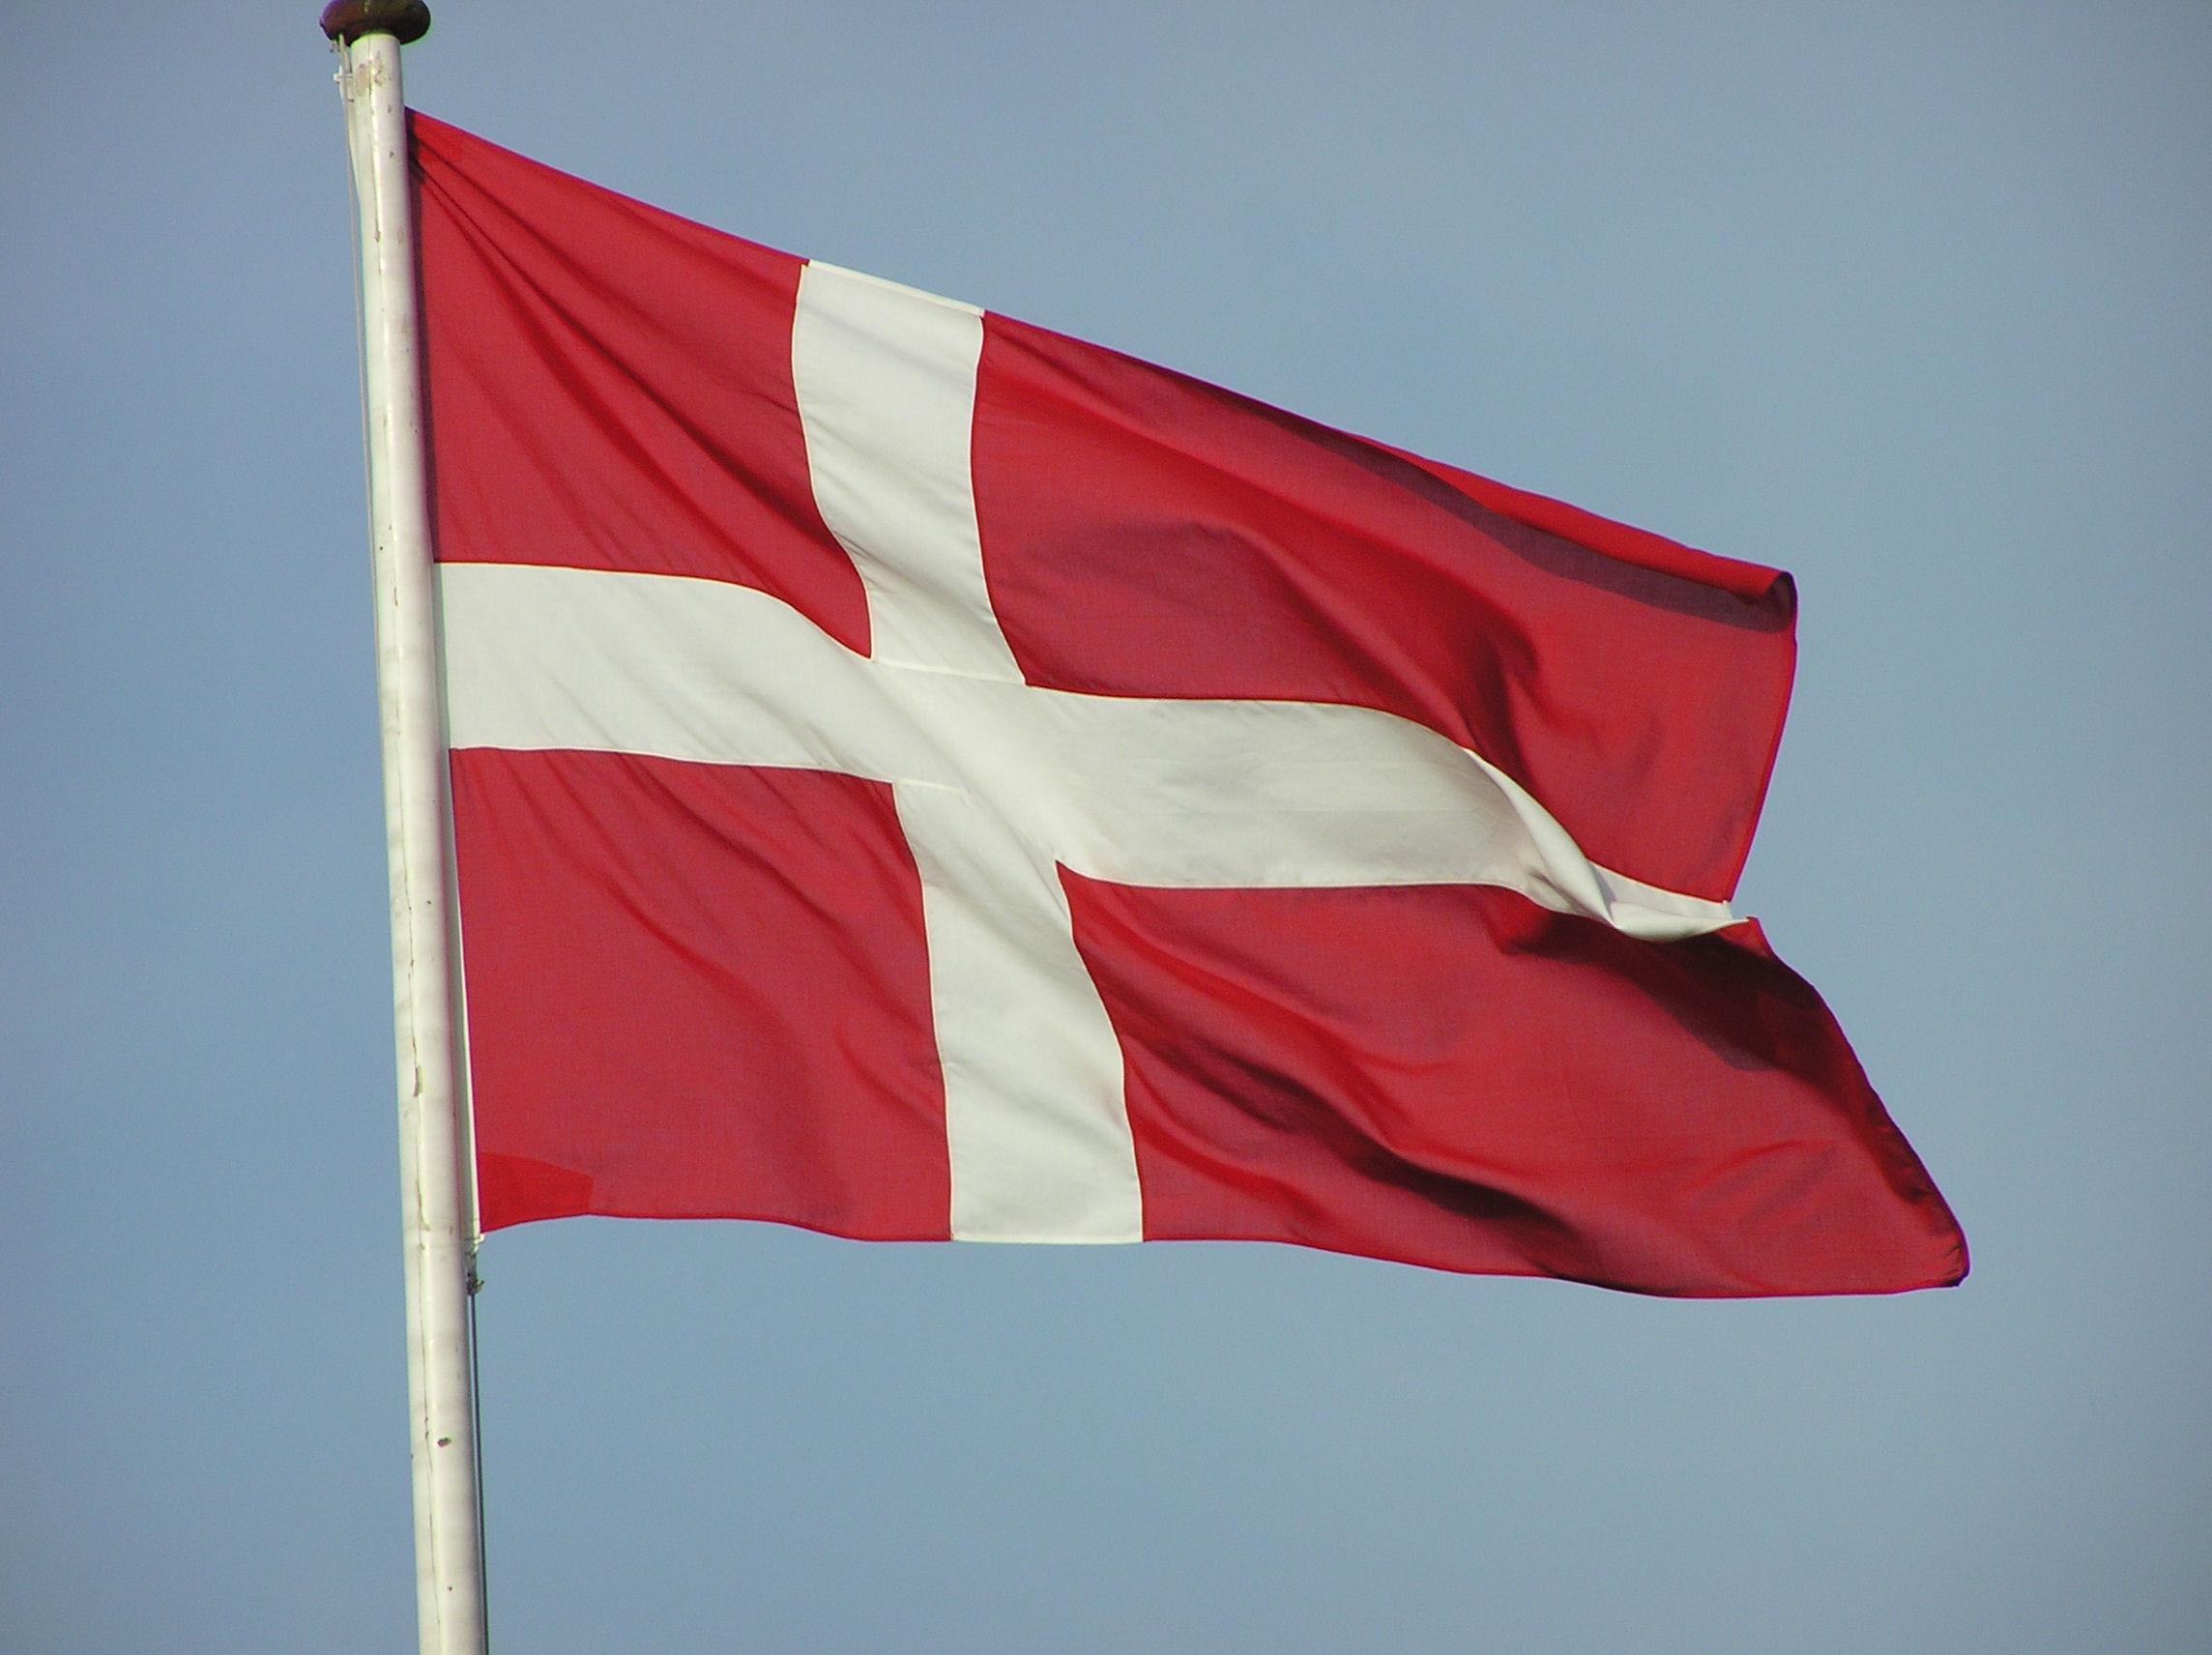 clipart dk flag - photo #49